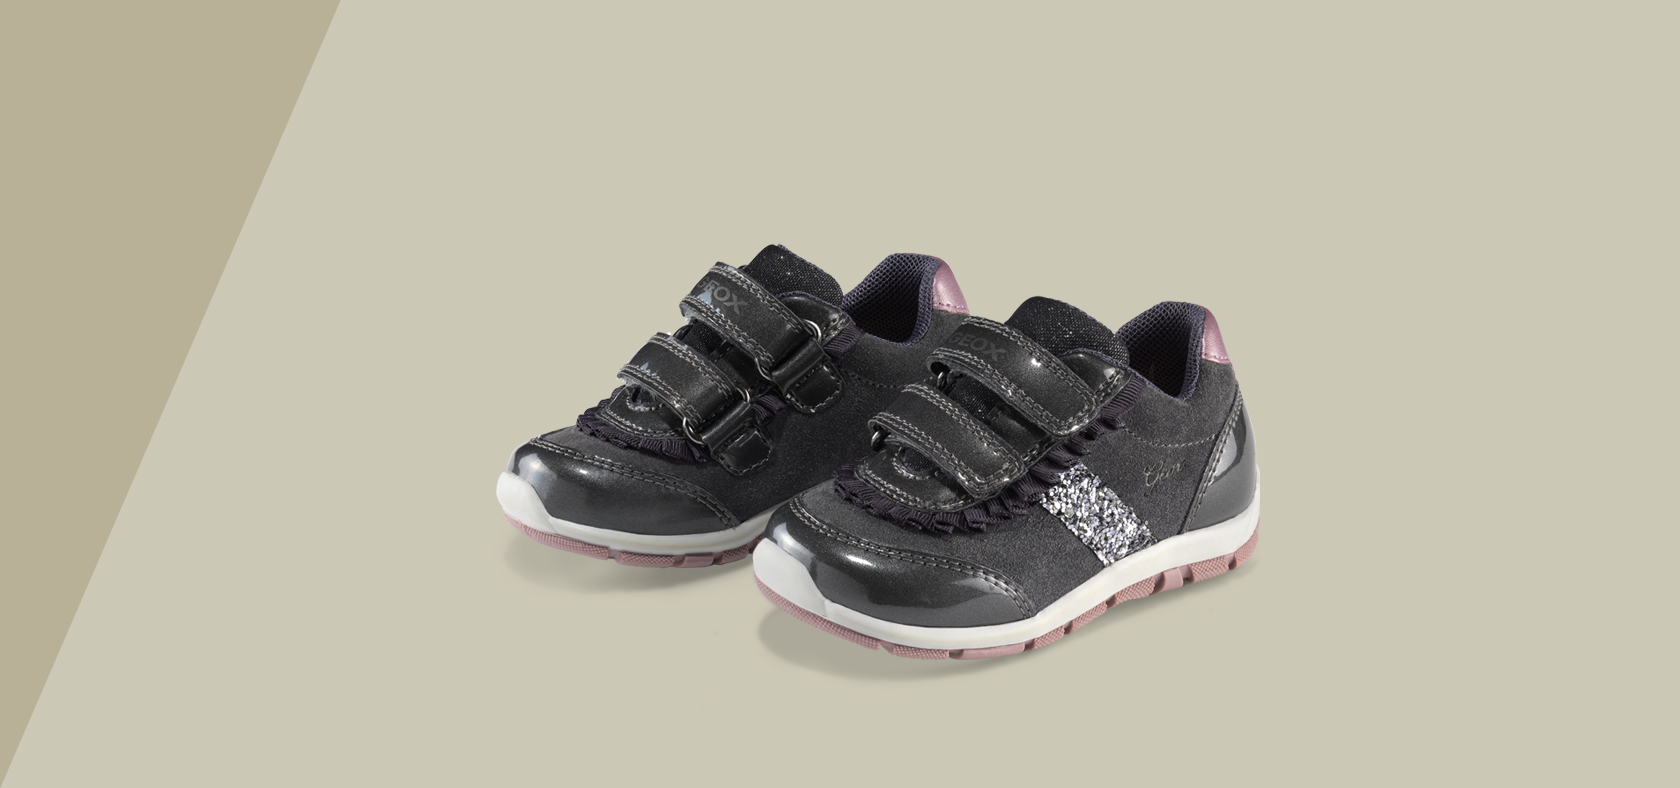 779368466ccf6 CHAUSSURES. Les chaussures pour nouveau-né ...